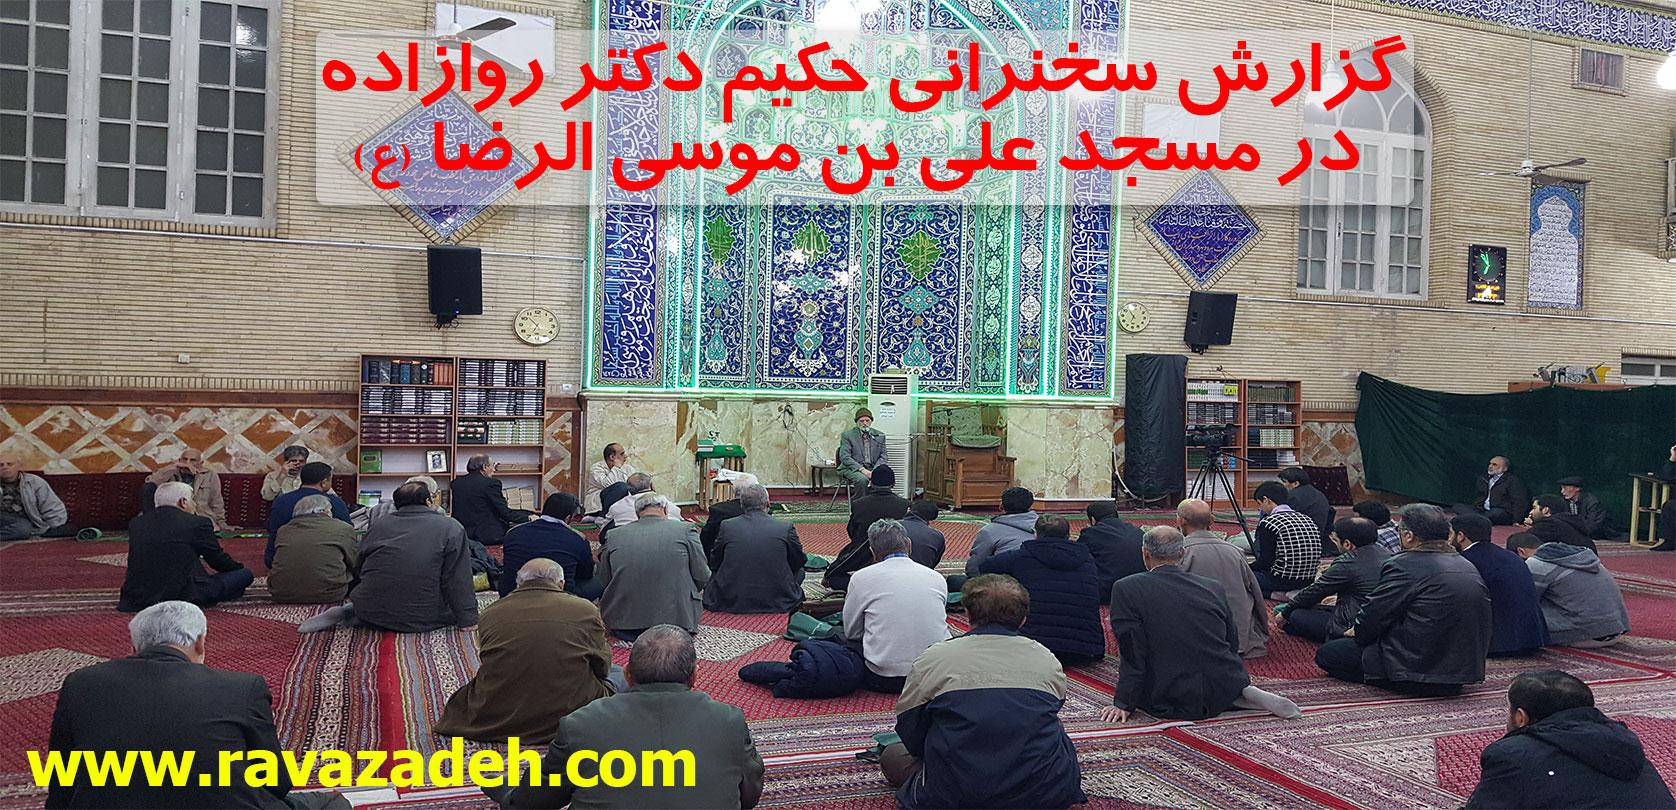 Photo of گزارش سخنرانی حکیم دکتر روازاده در مسجد علی بن موسی الرضا (ع) شهر تهران+ تصاویر